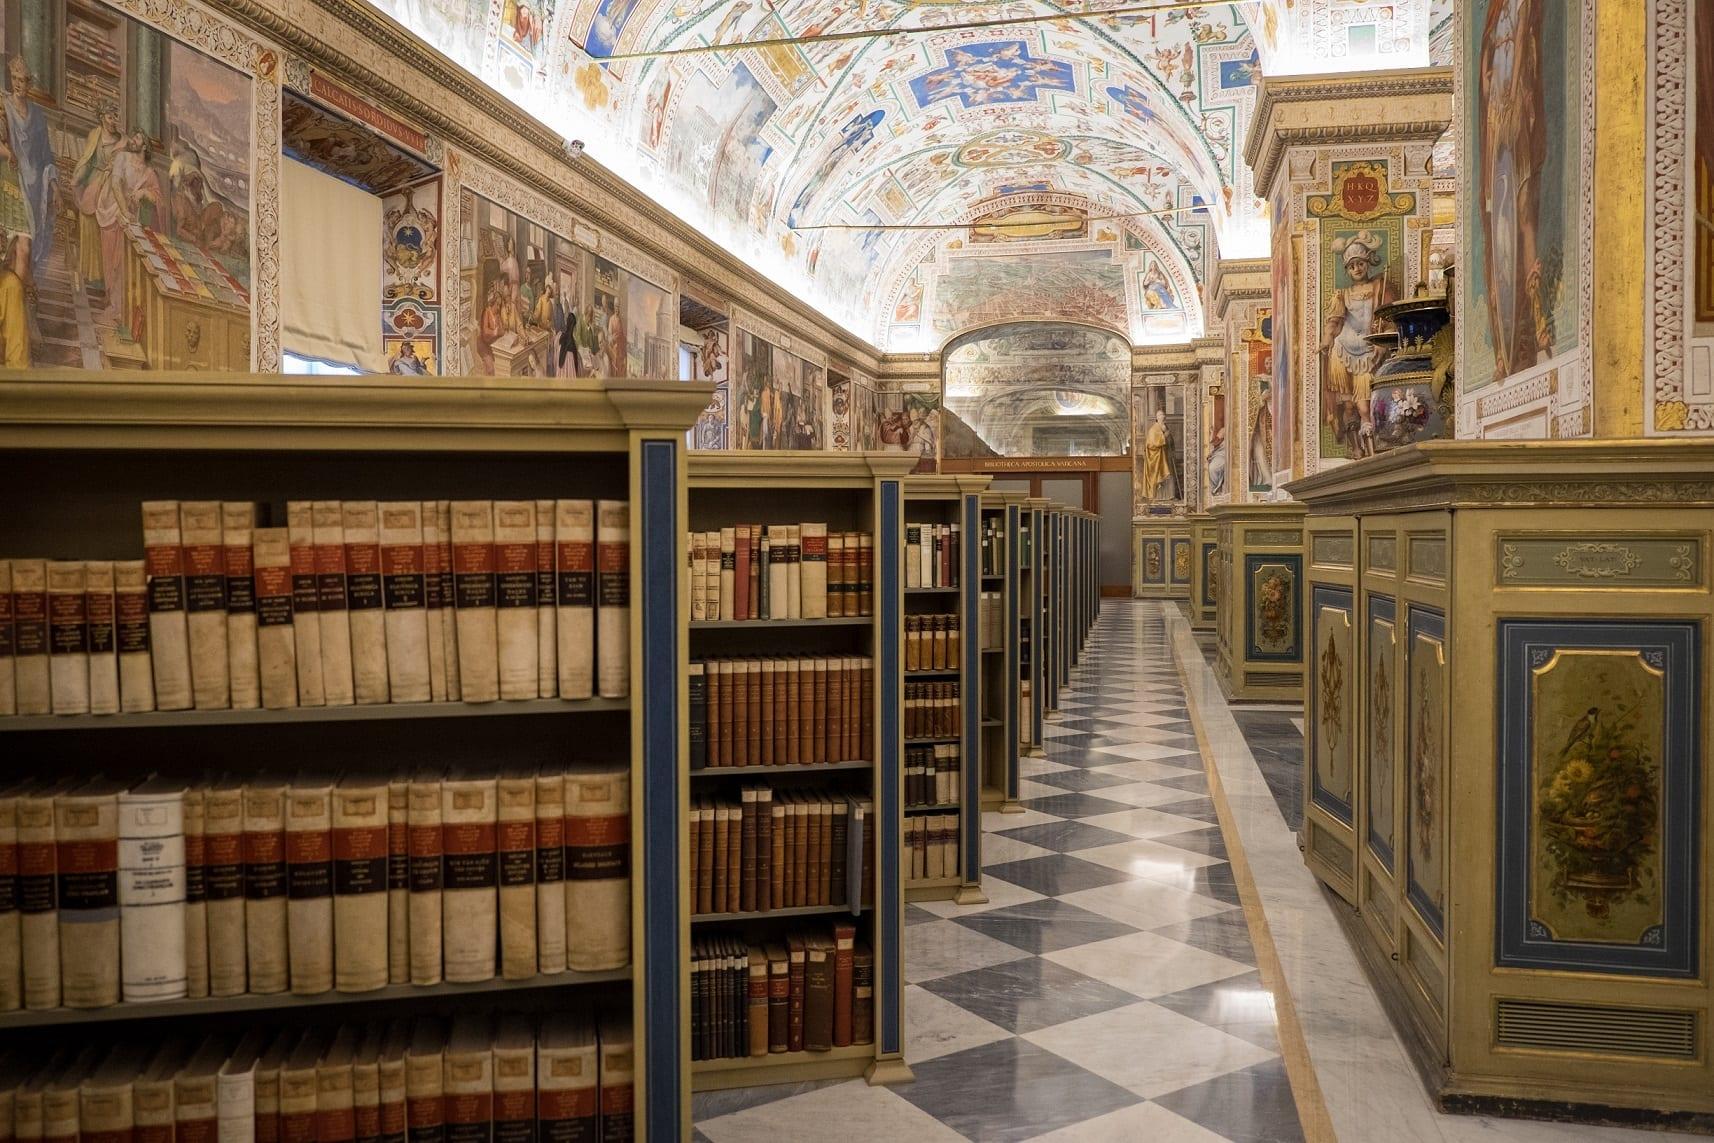 Искусственный интеллект будет защищать Апостольскую библиотеку вВатикане откибератак